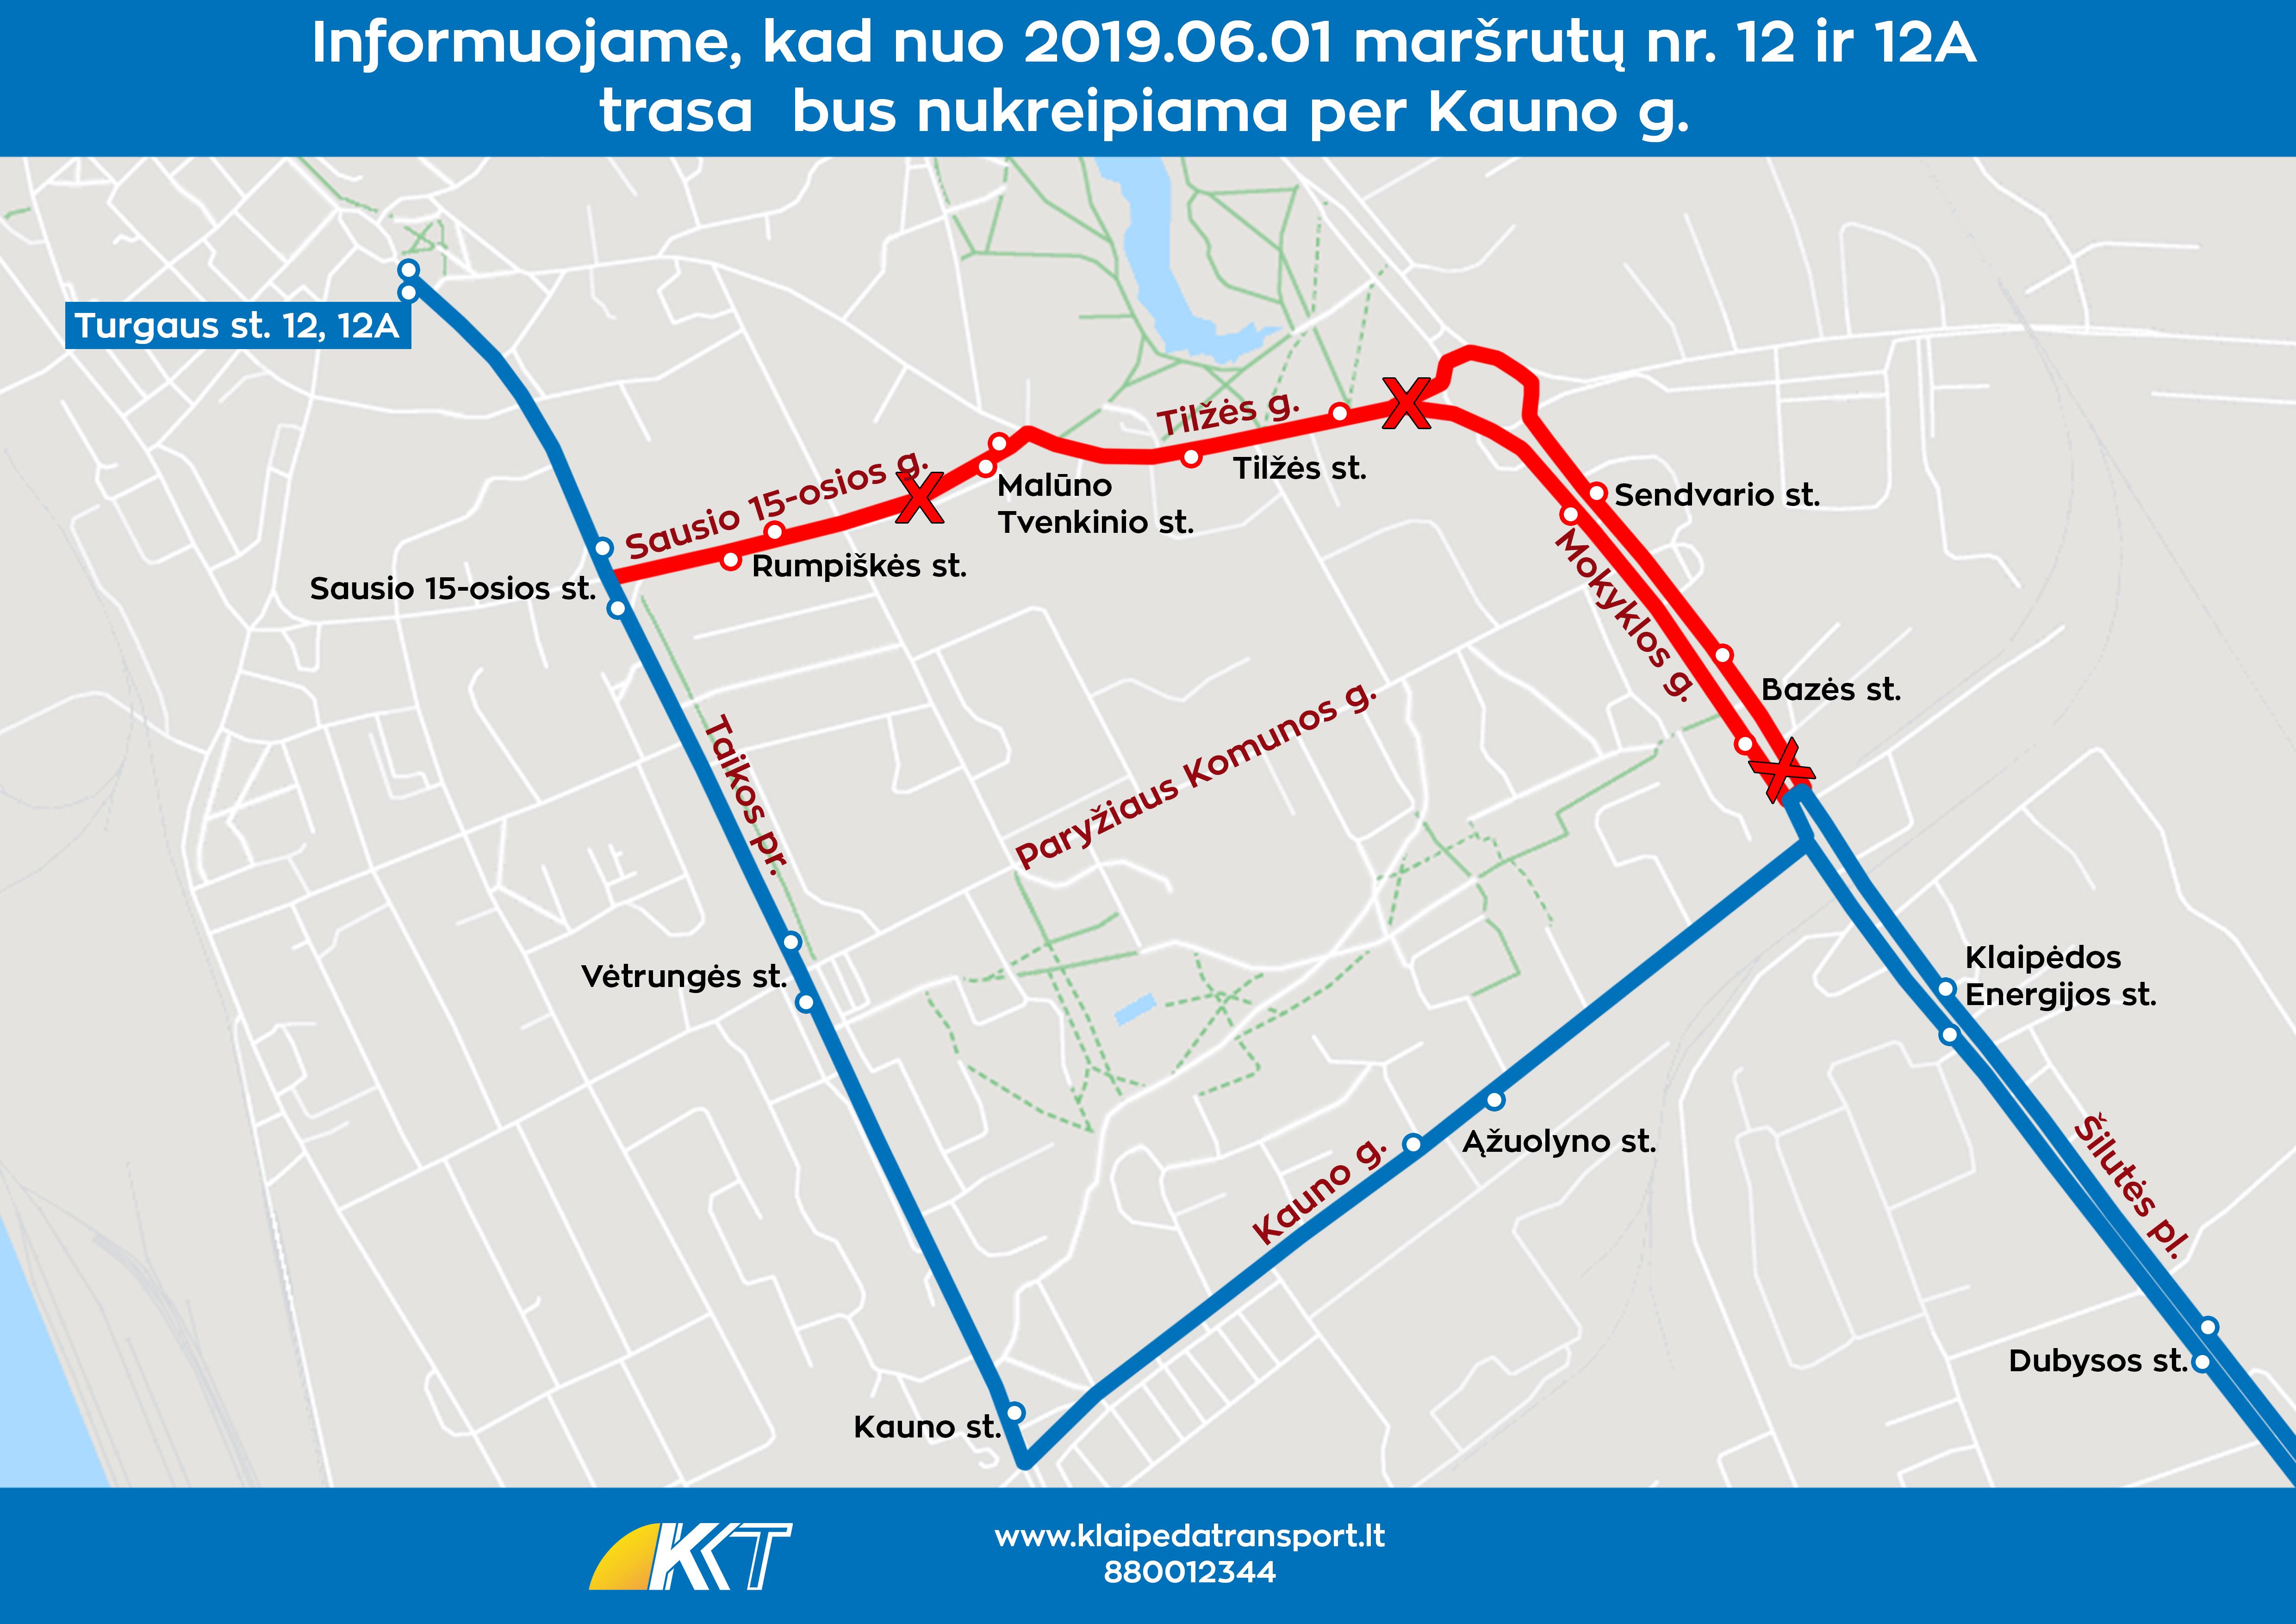 12, 12A maršrutas per Kauno g nuo 20190601